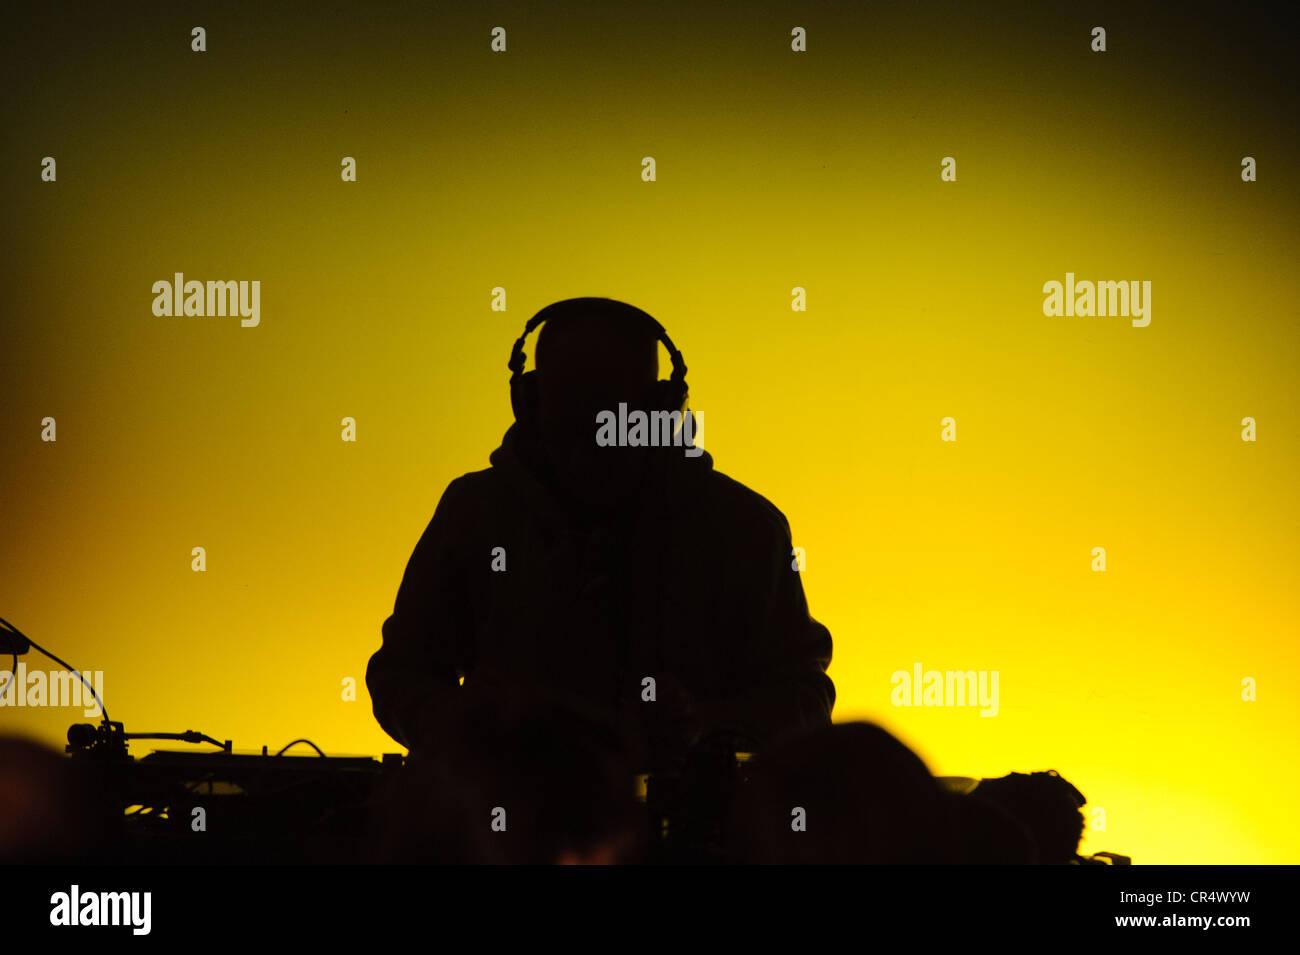 En un mezclador de sonido de DJ Console, Wasserburg leuchtet luces muestran, Wasserburg am Inn, Baviera superior, Baviera, Alemania, Europa Foto de stock